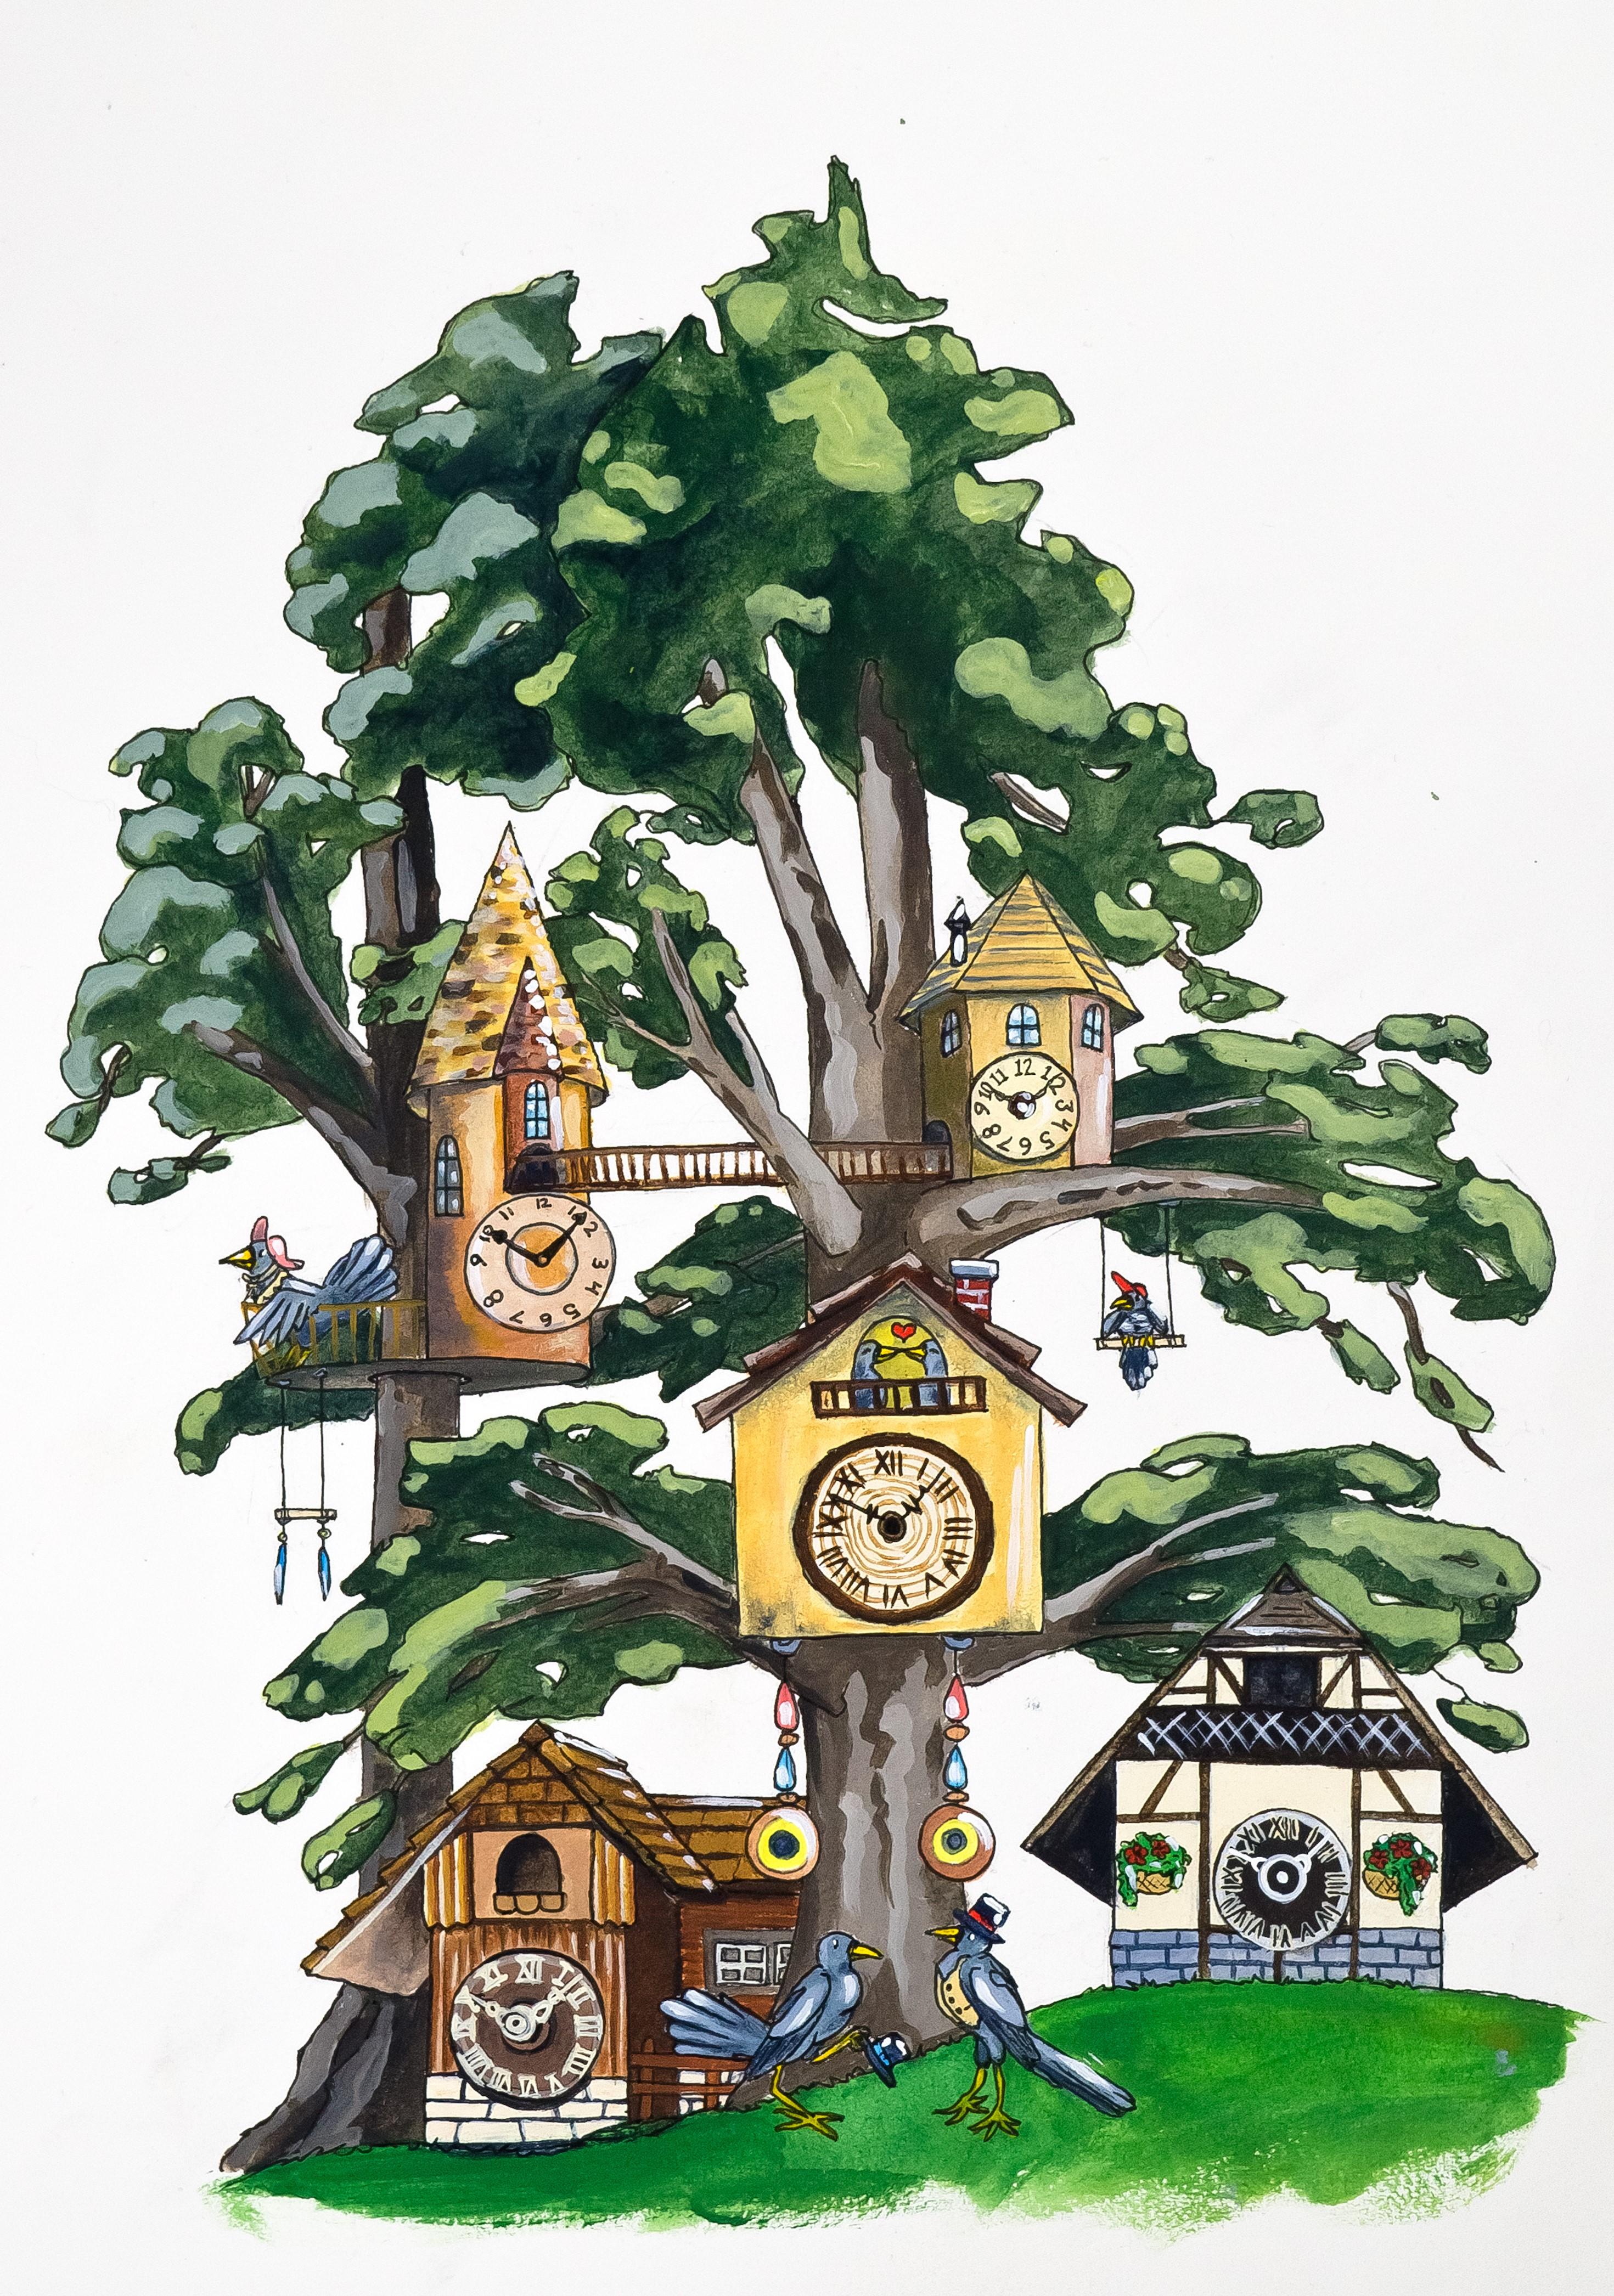 Cuckoo Clock Village